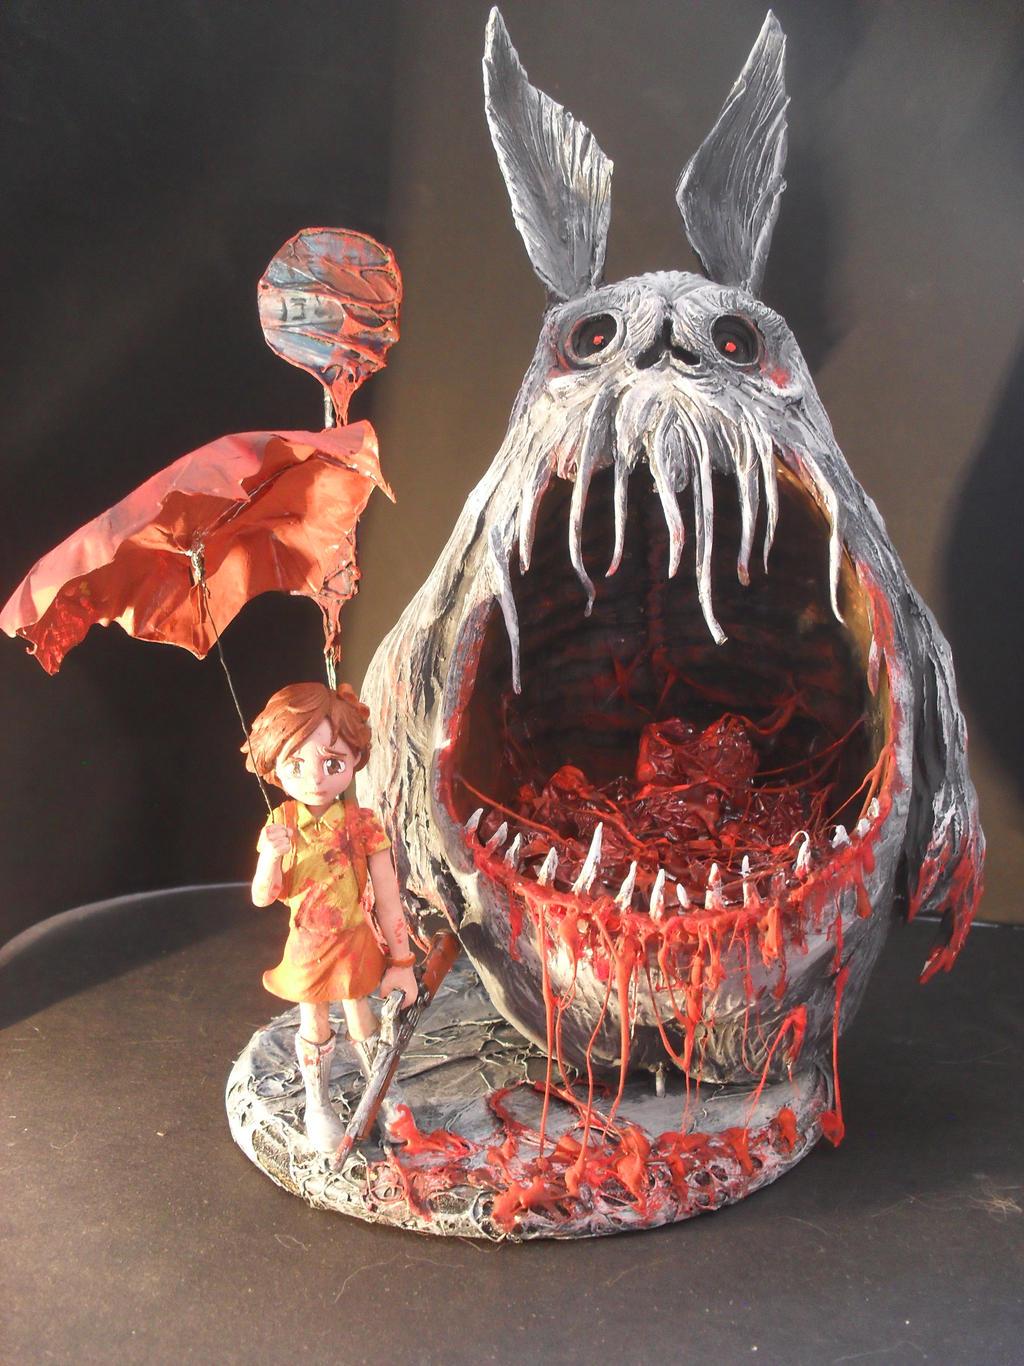 Totoro bus stop by JOPUTAPELIRROJO